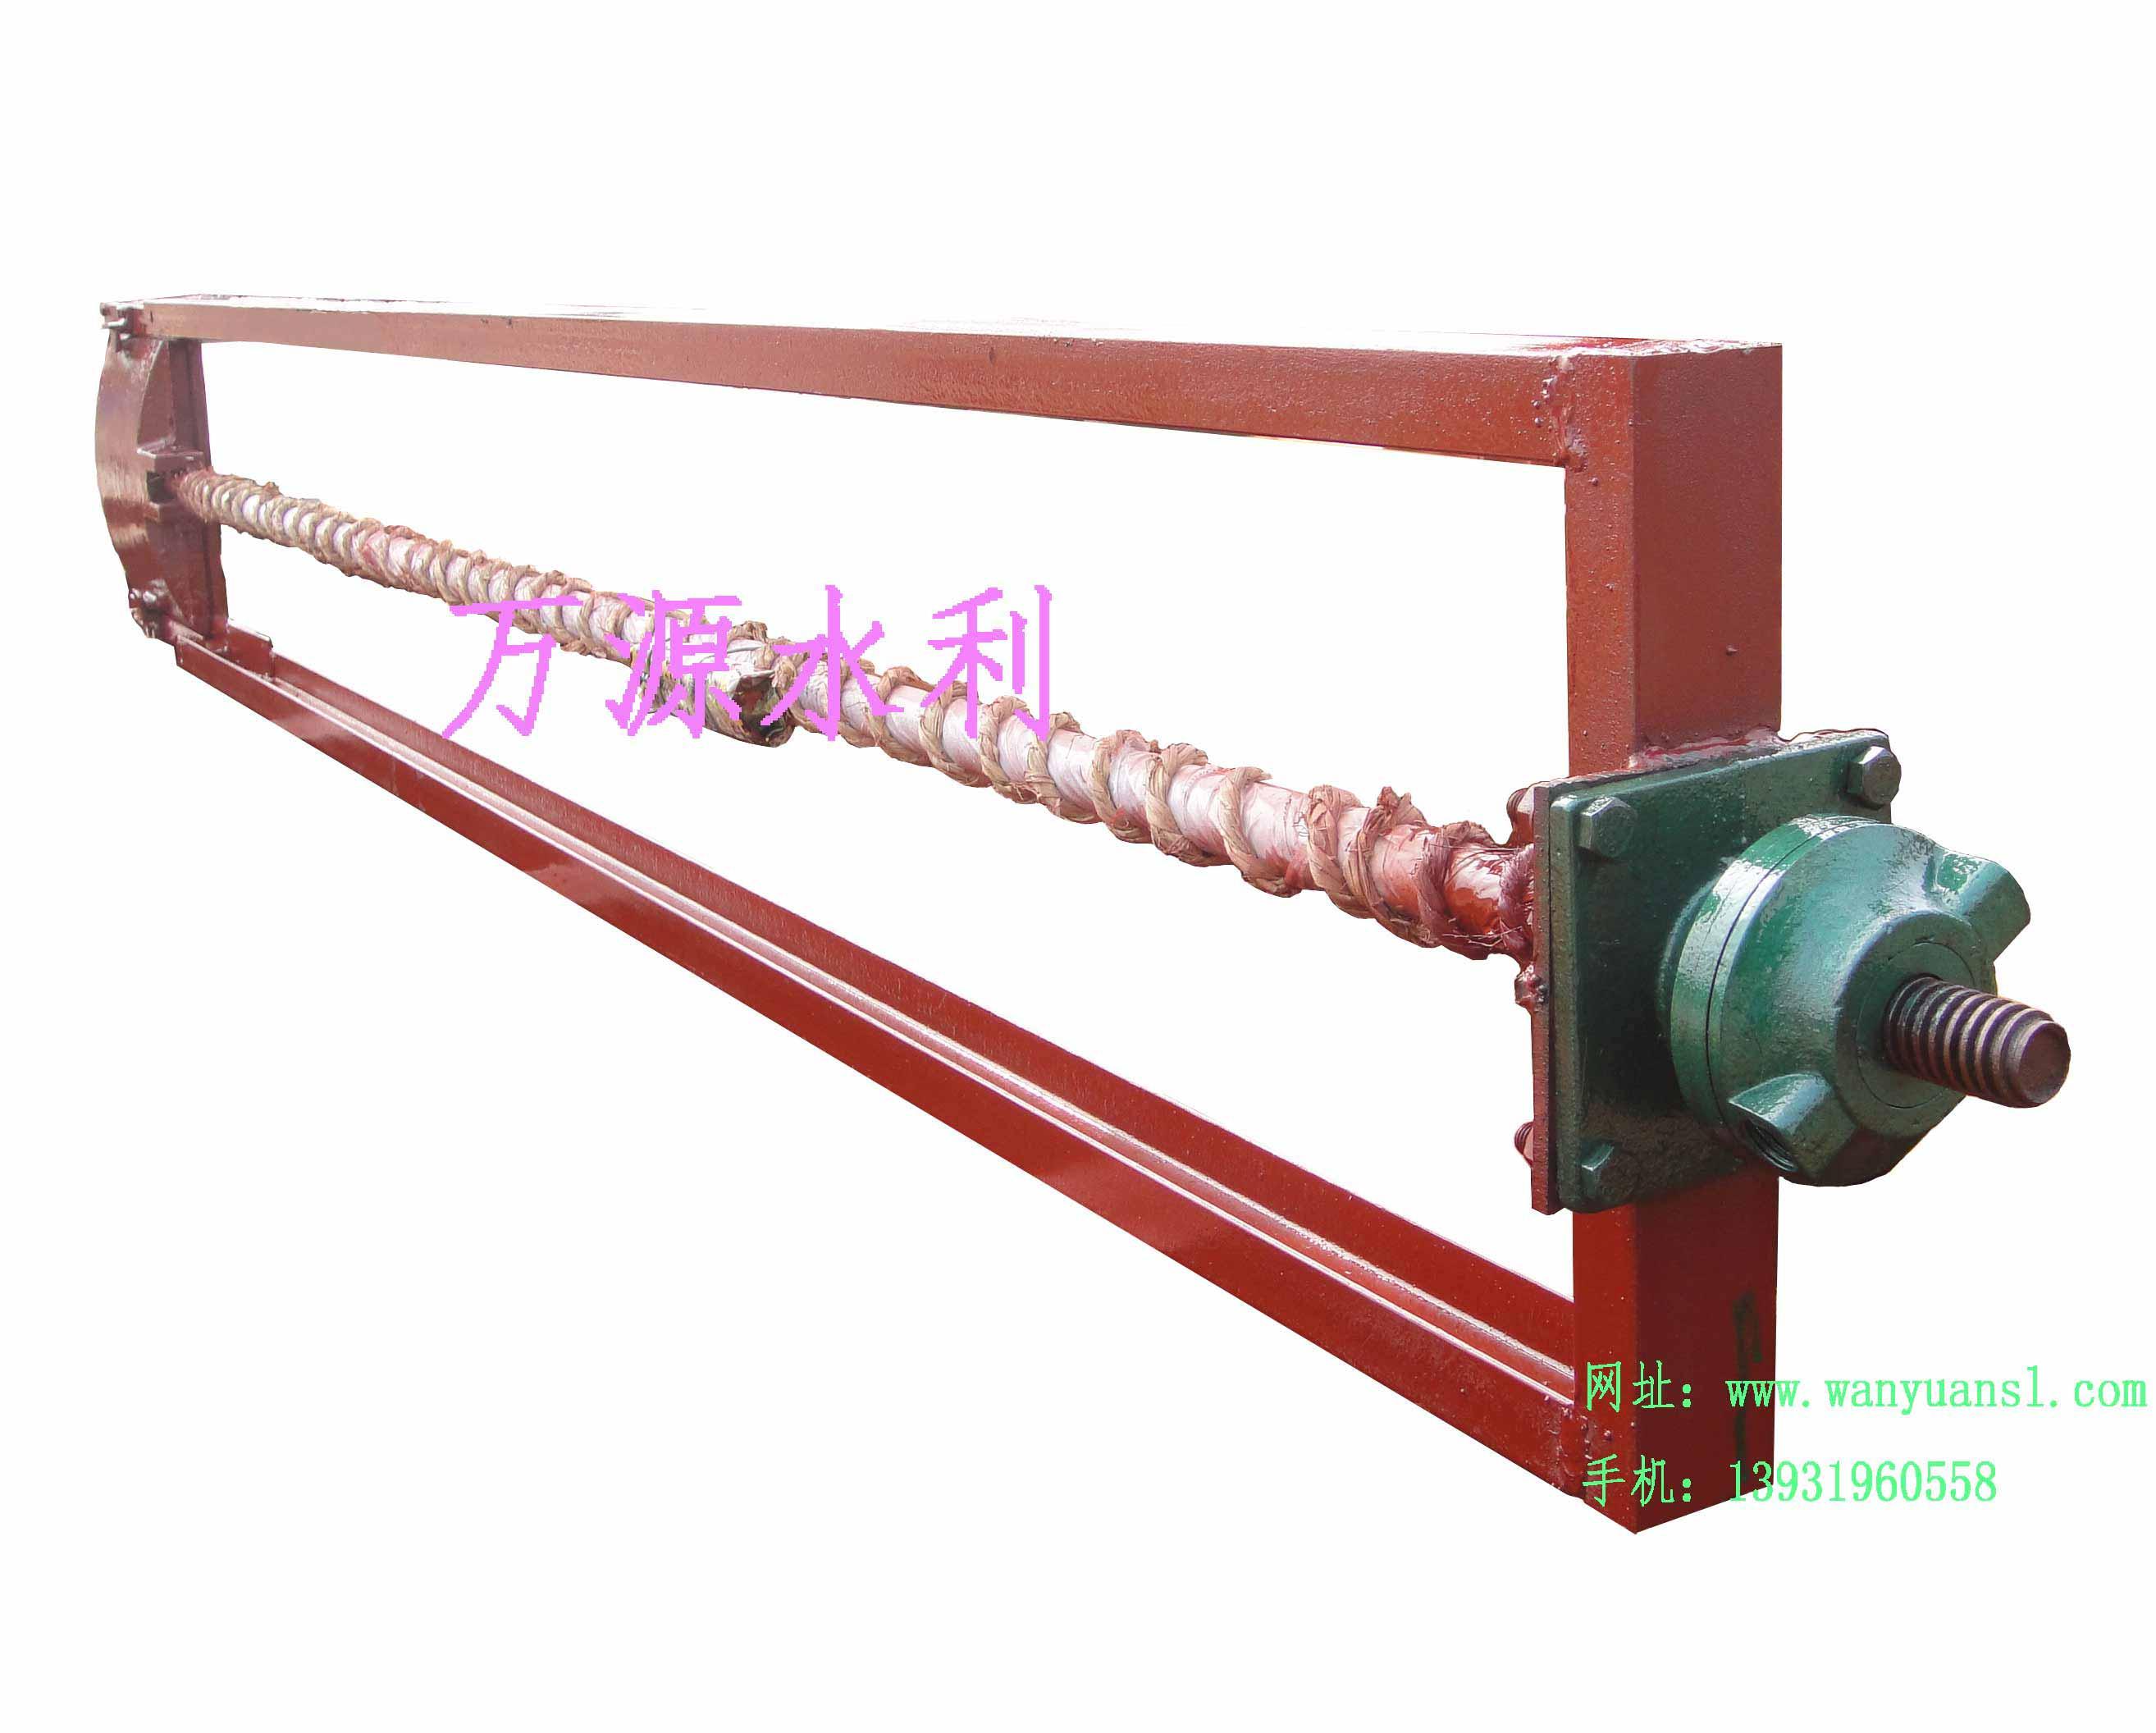 5T手摇螺杆启闭机产品图片由新河县万源水利机械厂公司生产提供